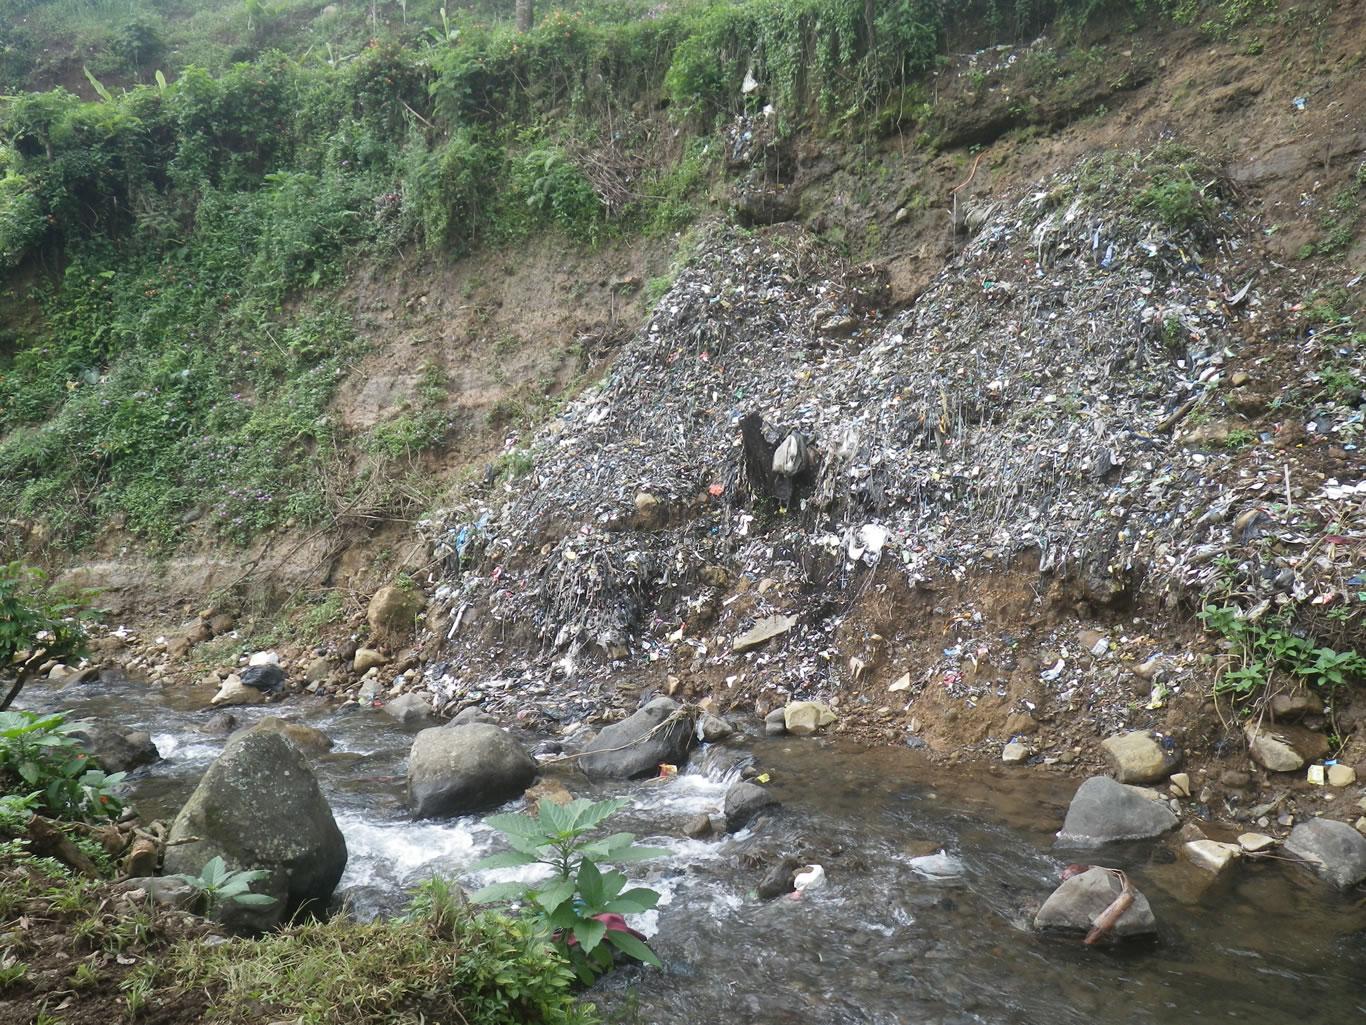 potret-pengelolaan-sampah-yang-tidak-bertanggung-jawab-oleh-perusahaan-perkebunan-teh-di-hulu-sungai-ciliwung